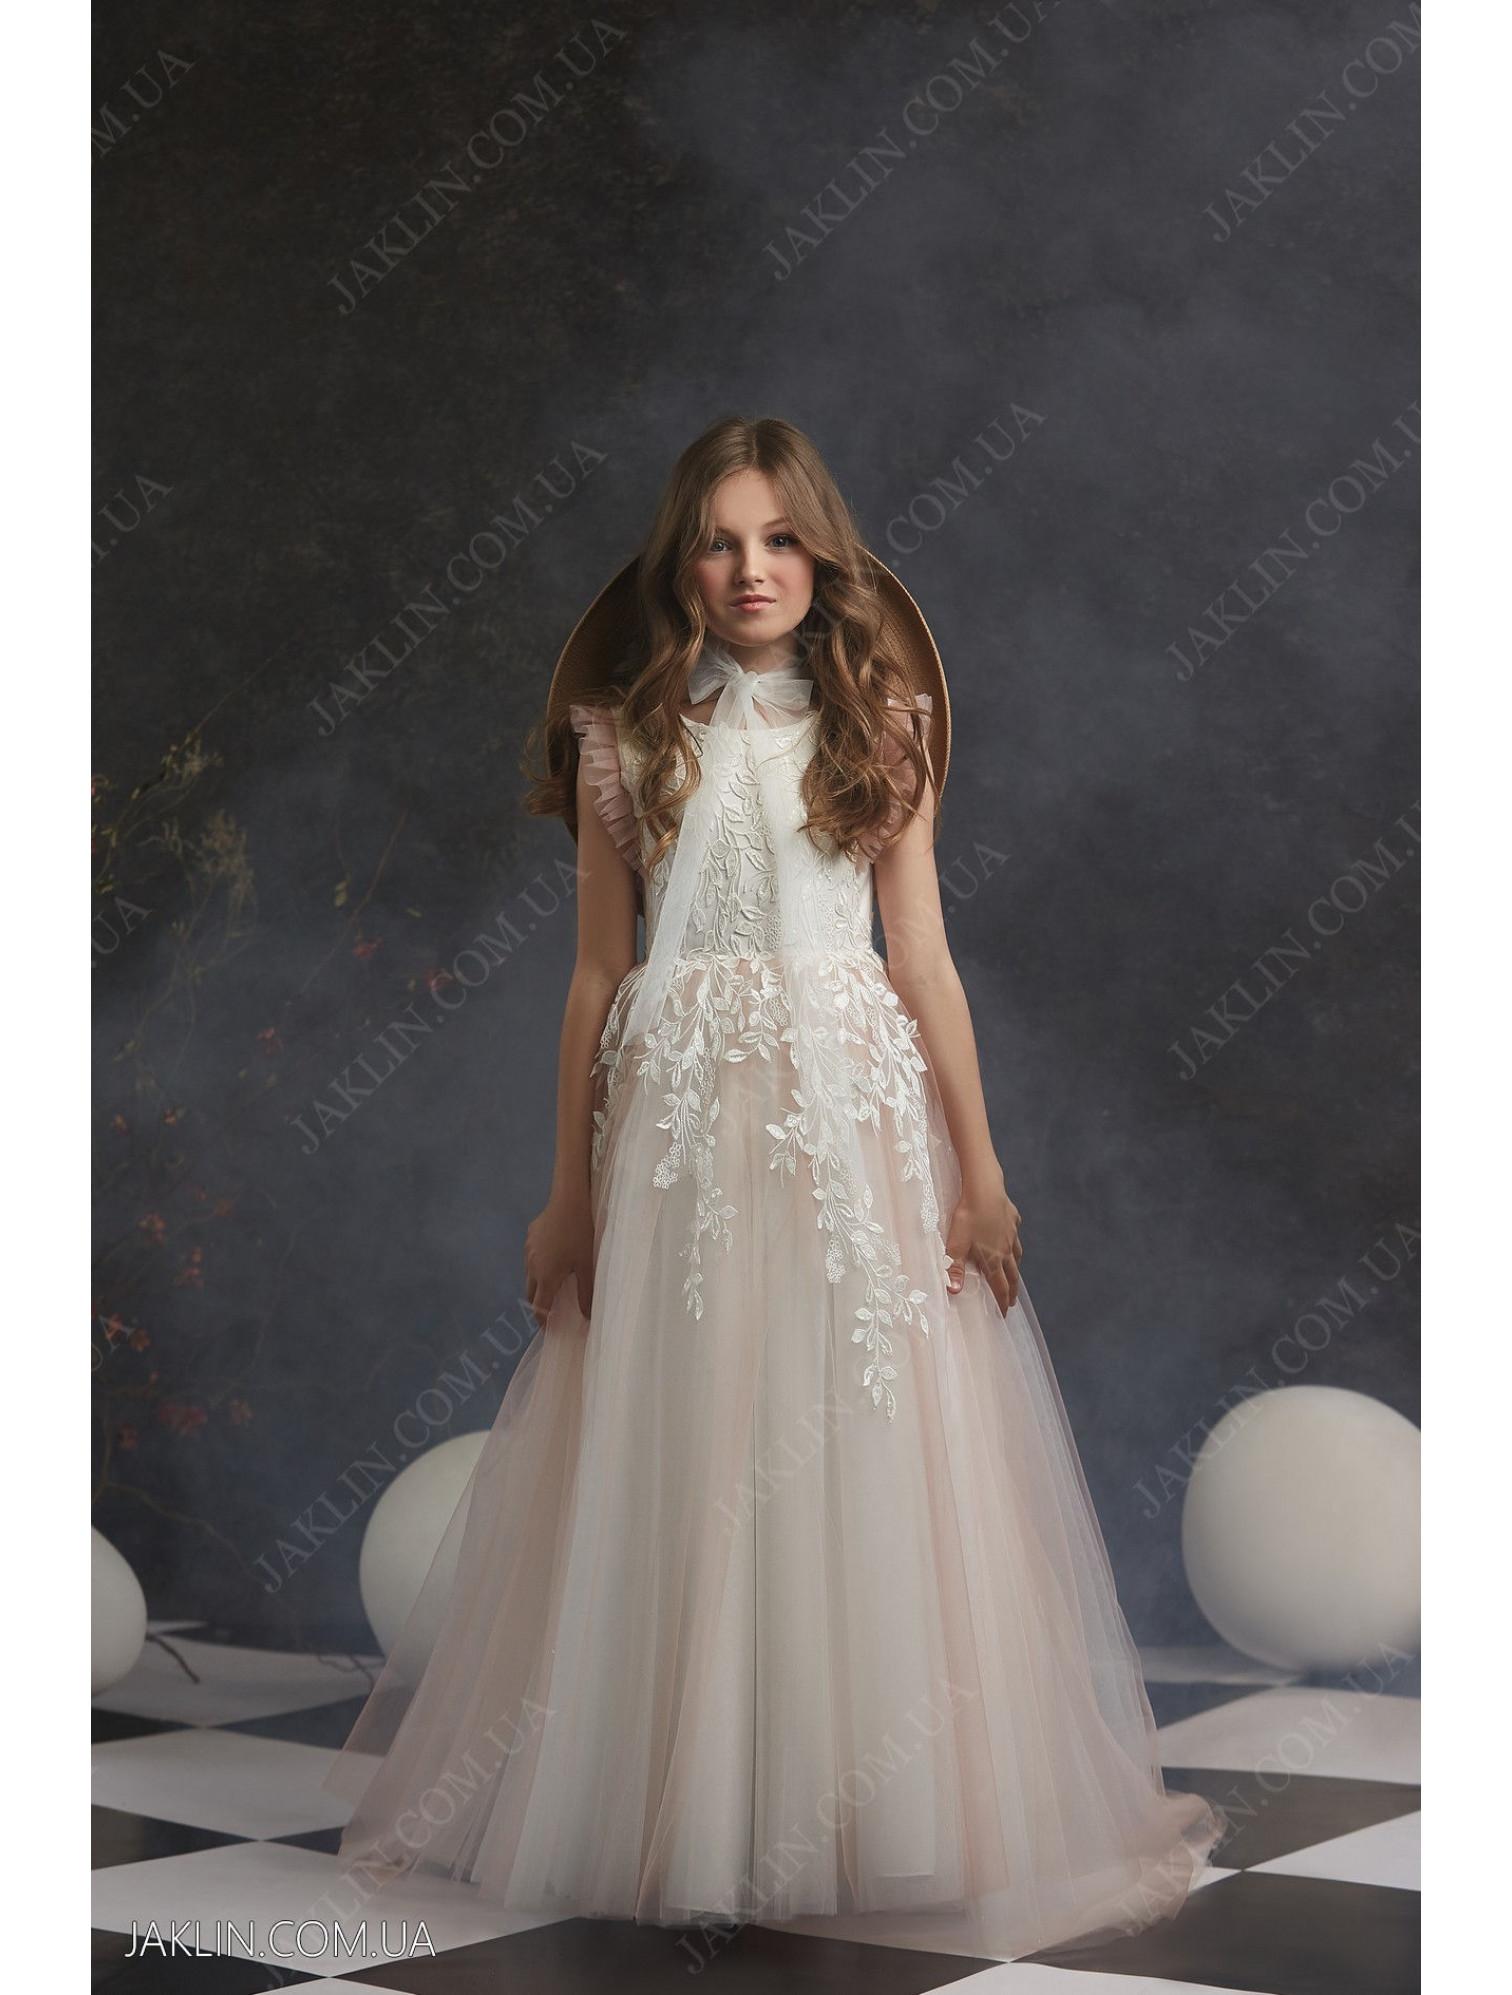 Дитяча сукня 3031